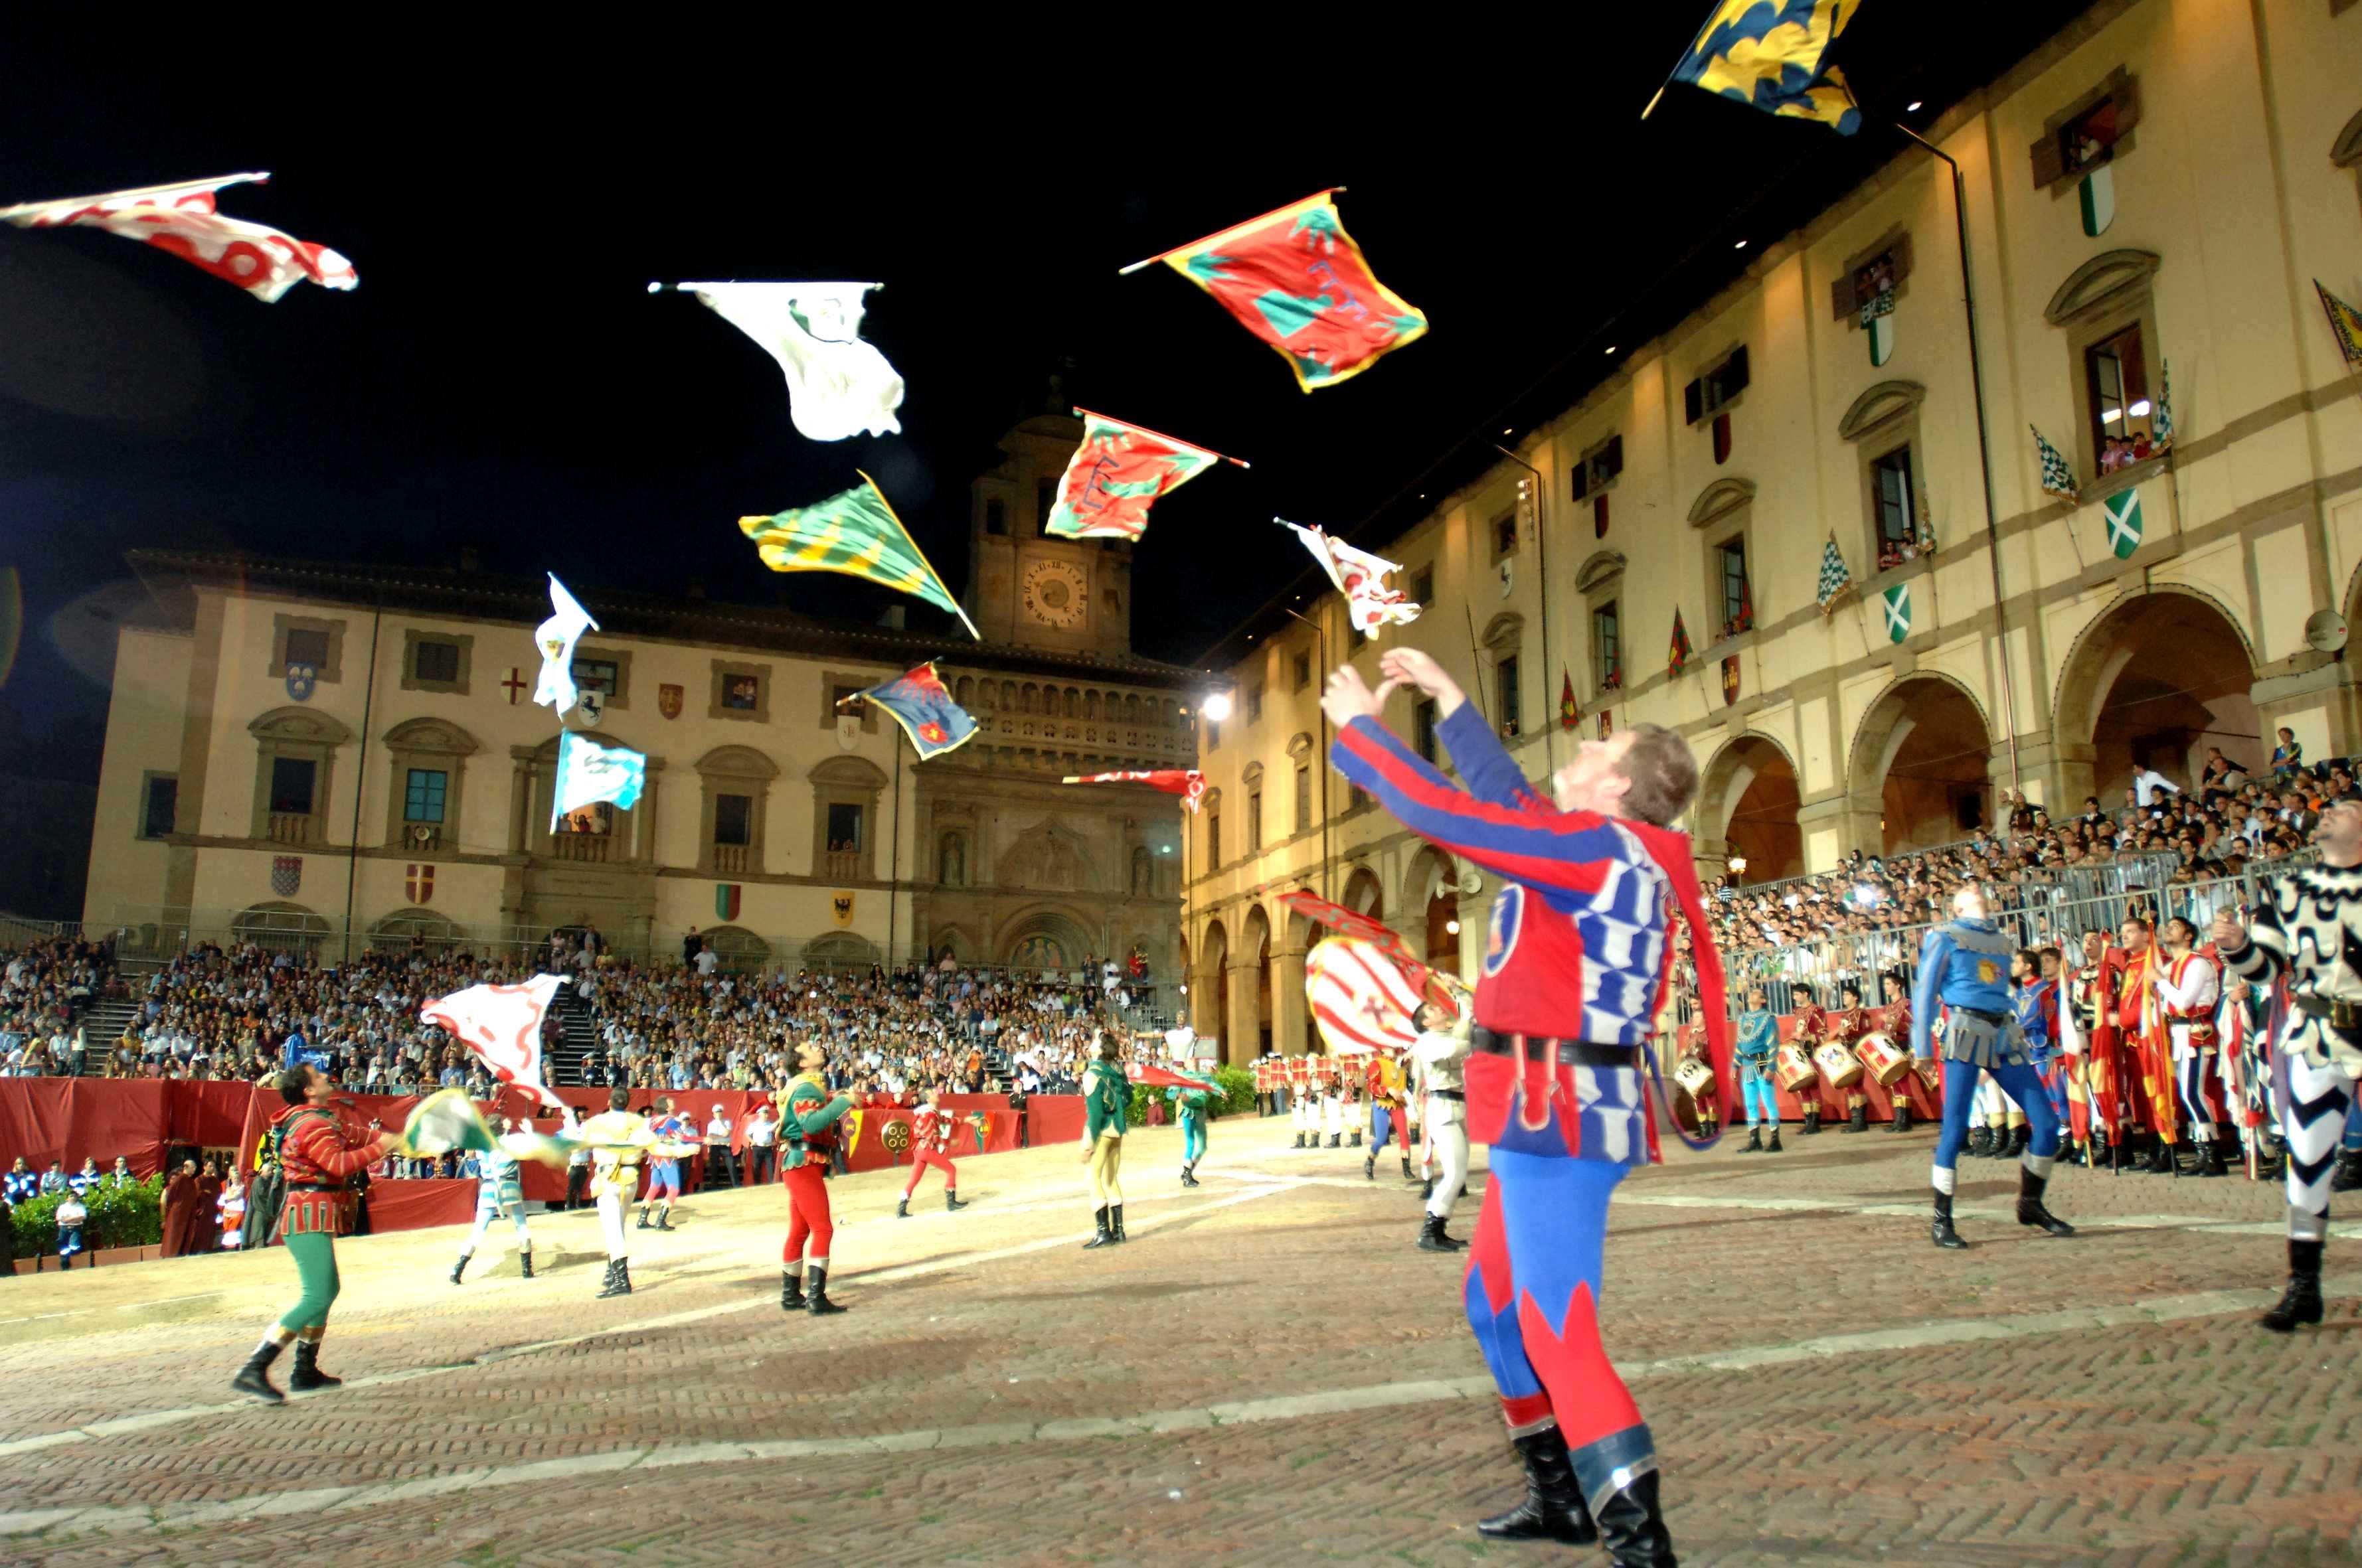 La Joute du Sarrasin 2015 - Arezzo, lanceurs de drapeaux